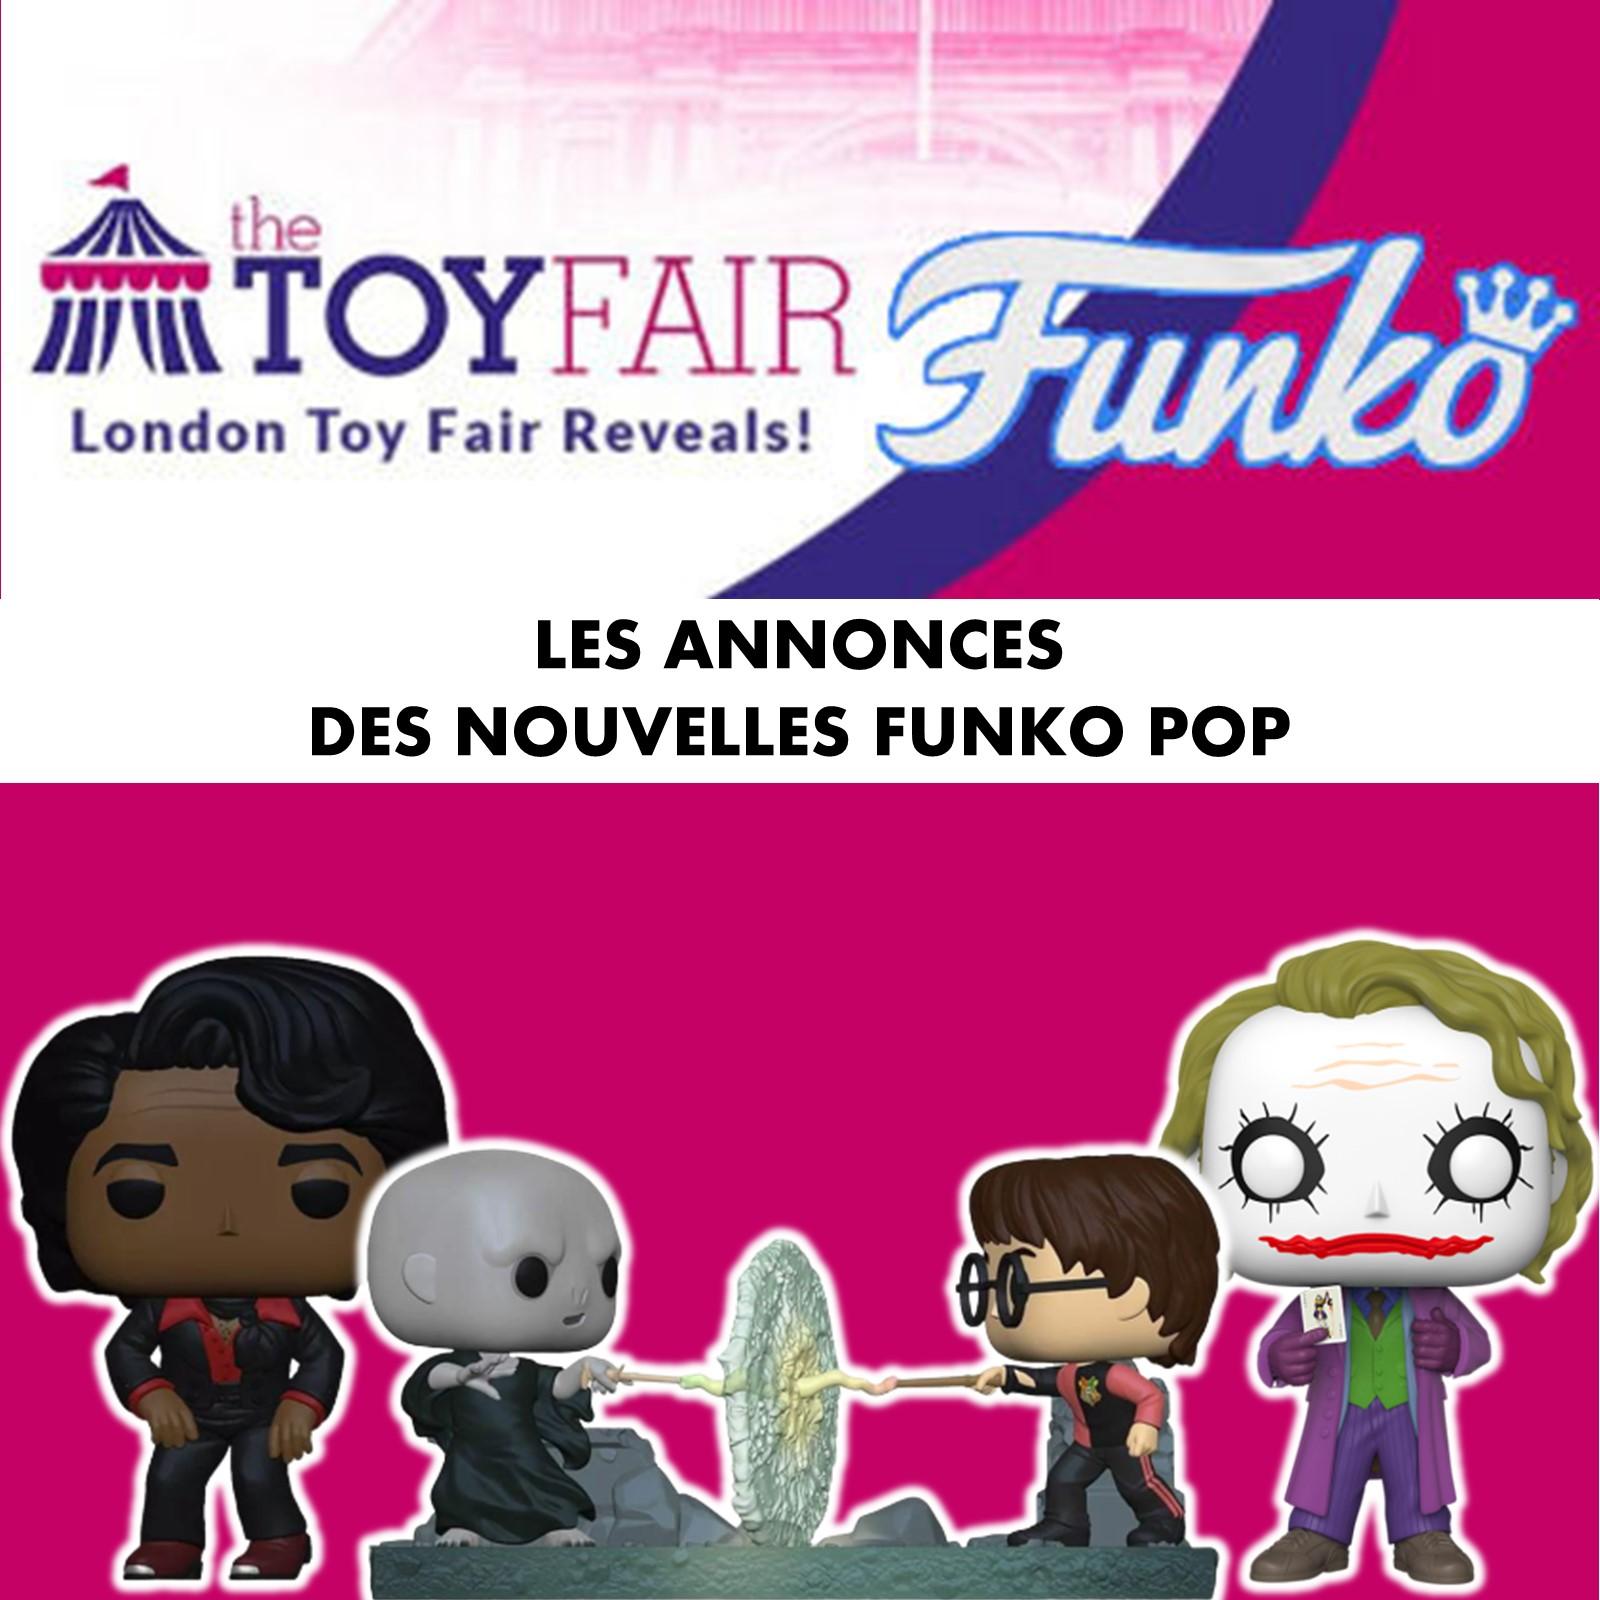 LONDON TOY FAIR 2020 Les annonces Funko Pop de la 1ère journée